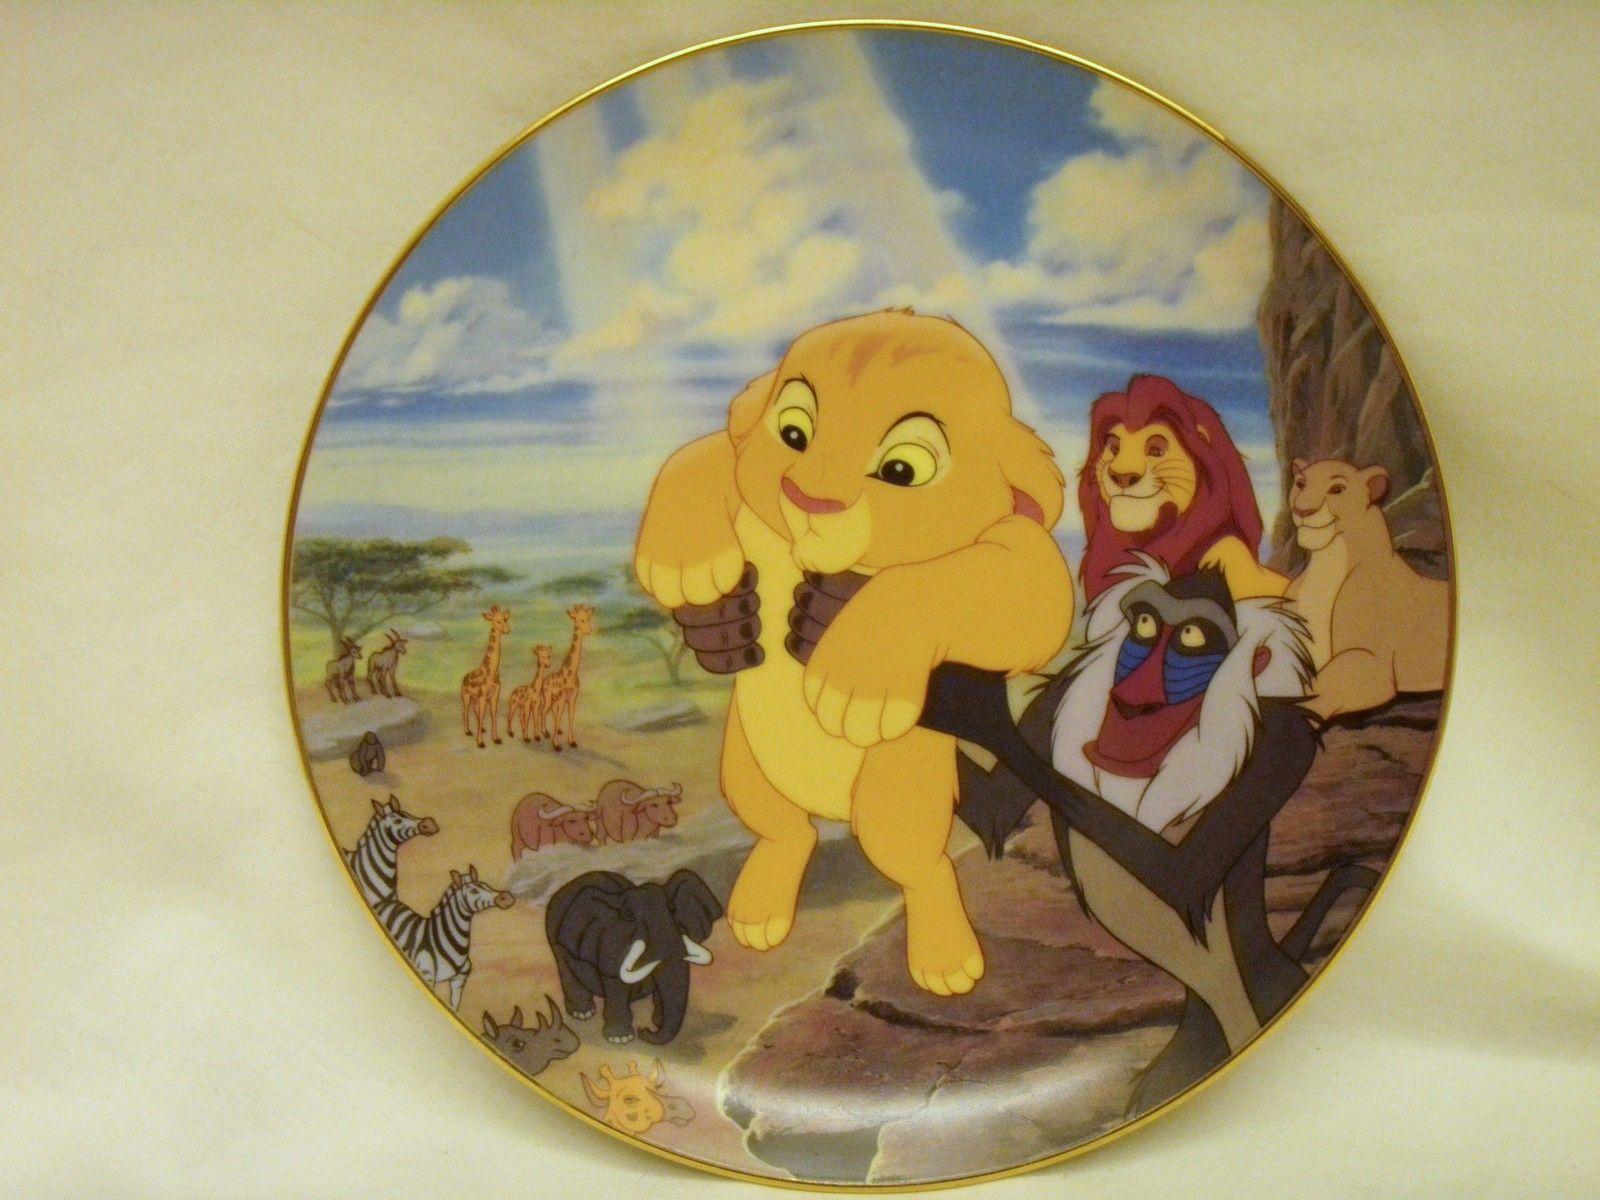 the lion king walt disney plate bradford exchange limited. Black Bedroom Furniture Sets. Home Design Ideas